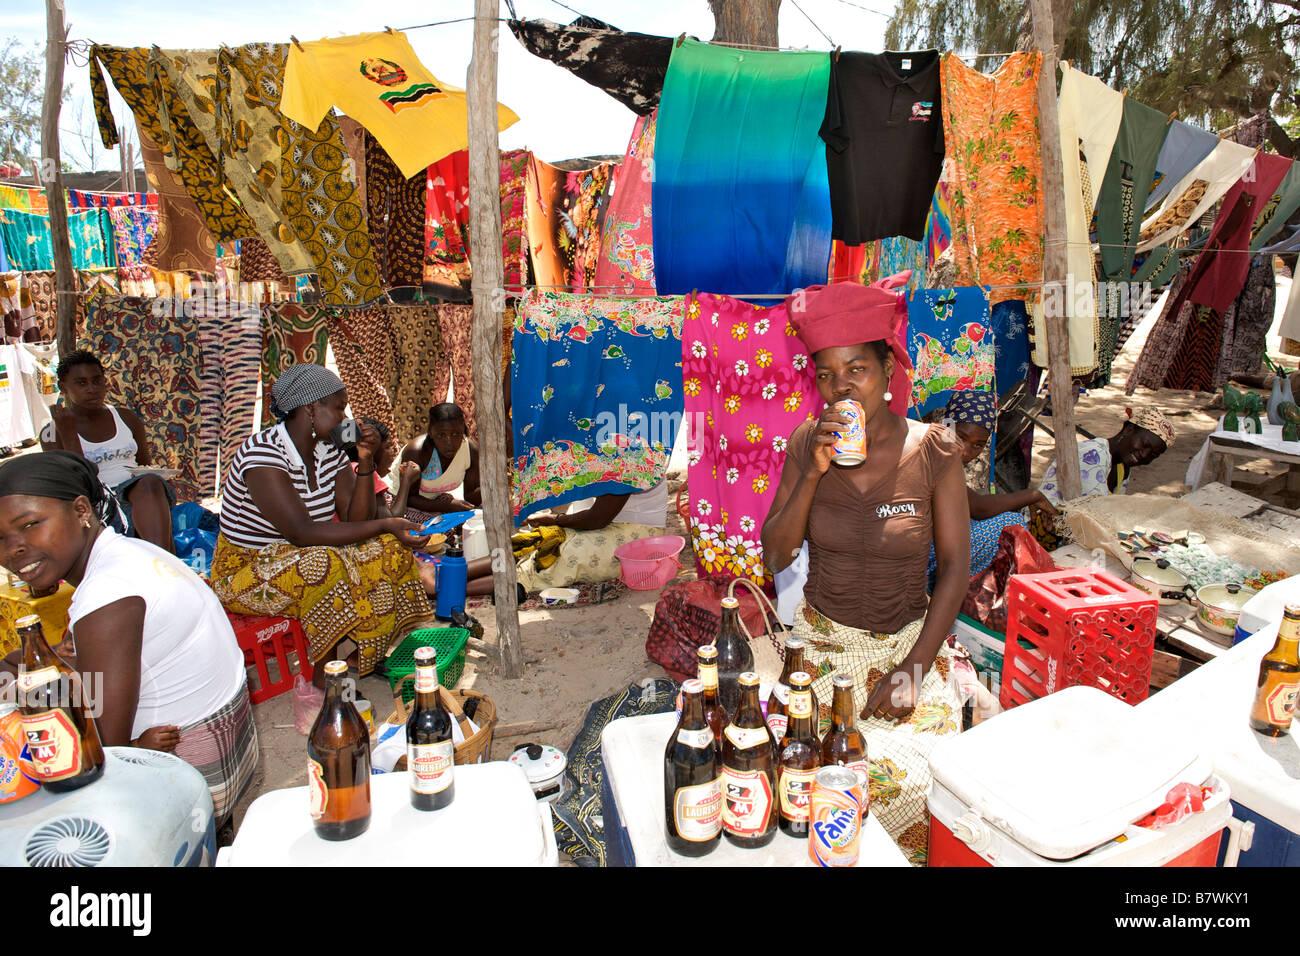 Femme vendant des boissons et des vêtements sur le bord de la rue, dans le sud du Mozambique Tofo. Photo Stock